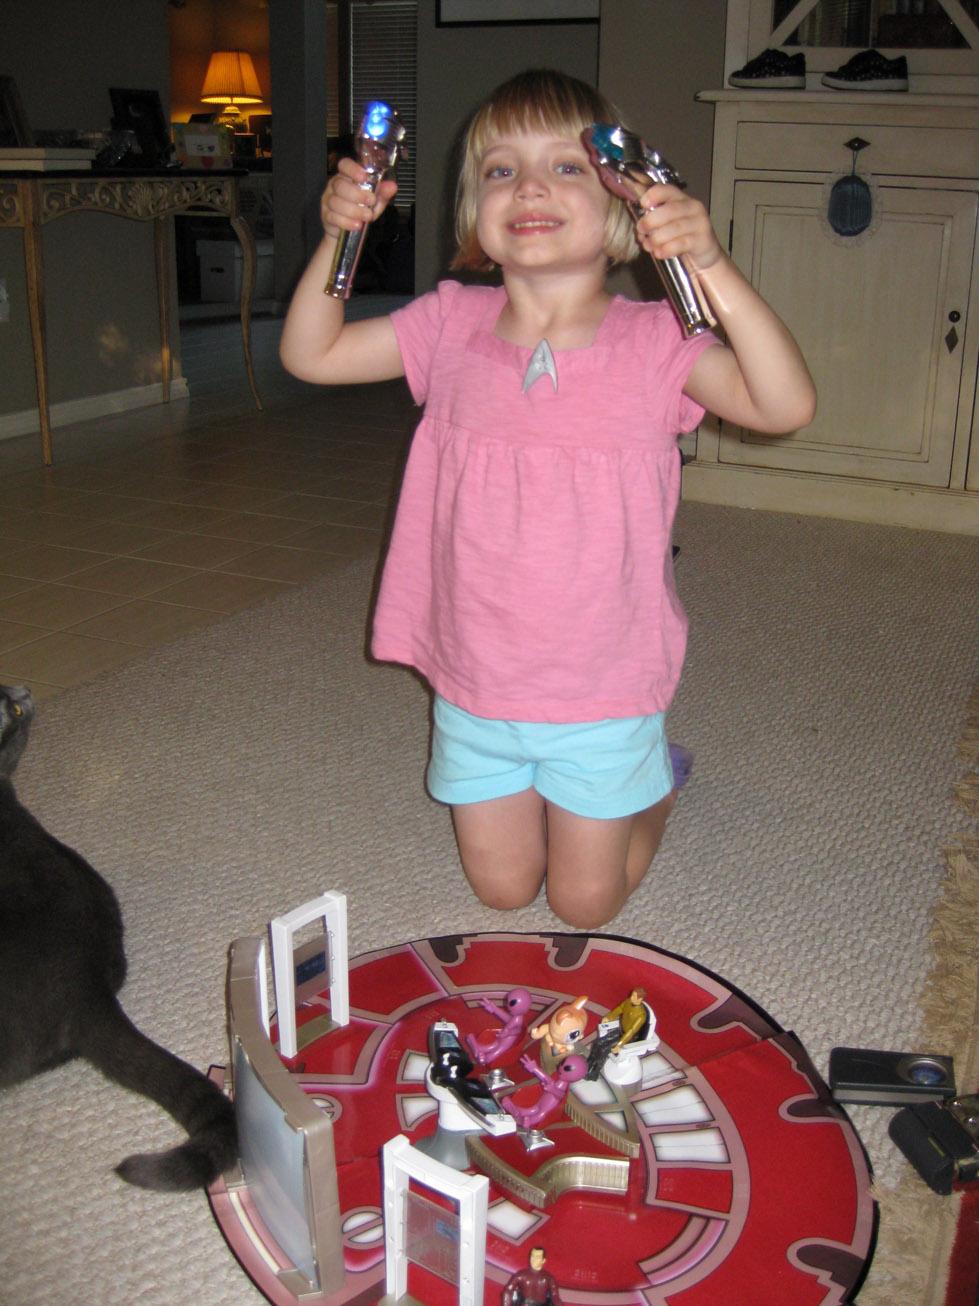 Star Trek 2009 Toys Buying Her Star Trek Toys